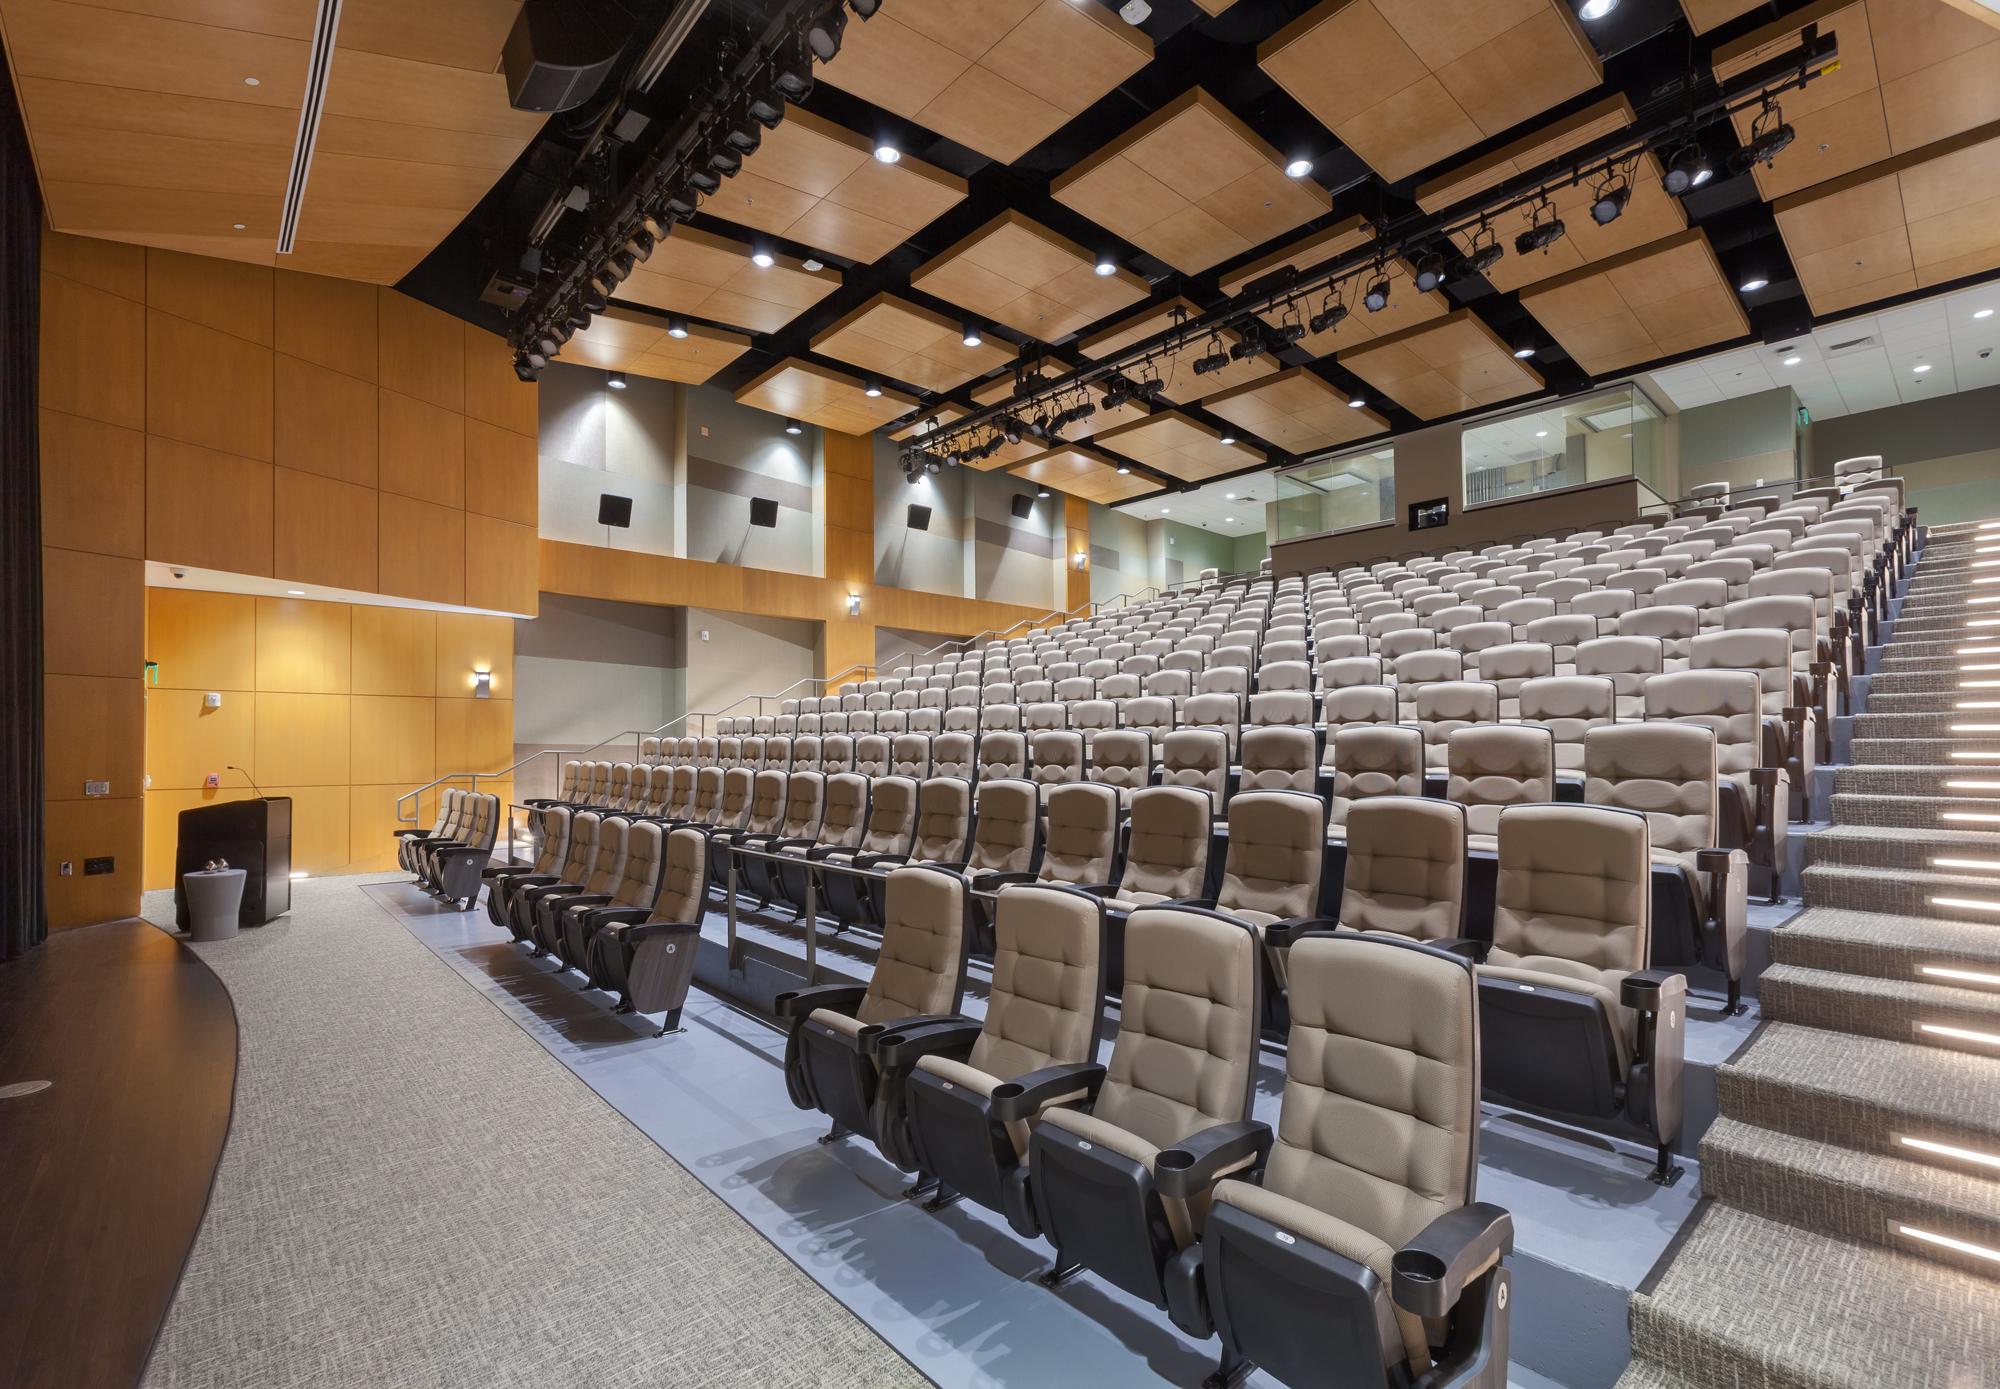 HILL-int theater-below